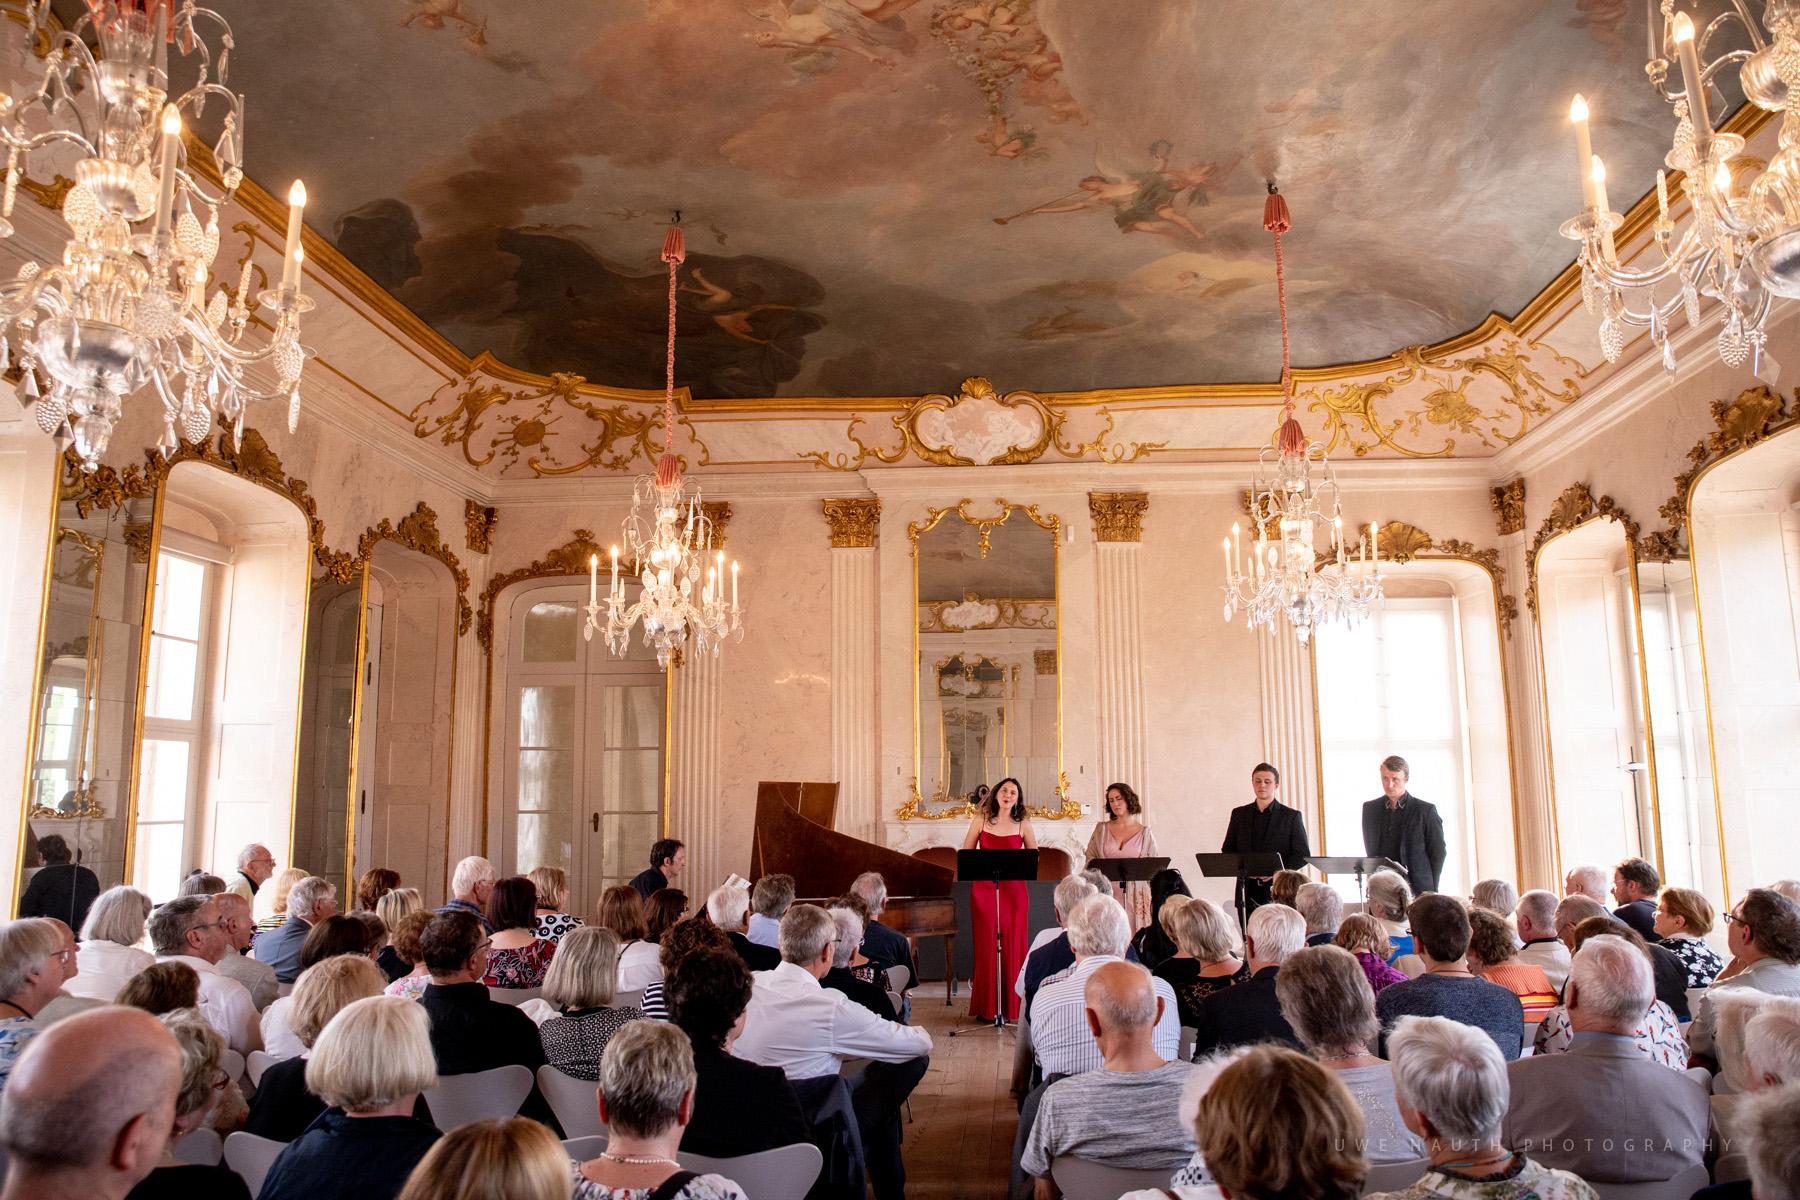 Konzert im Spiegelsaal Schloss Rheinsberg